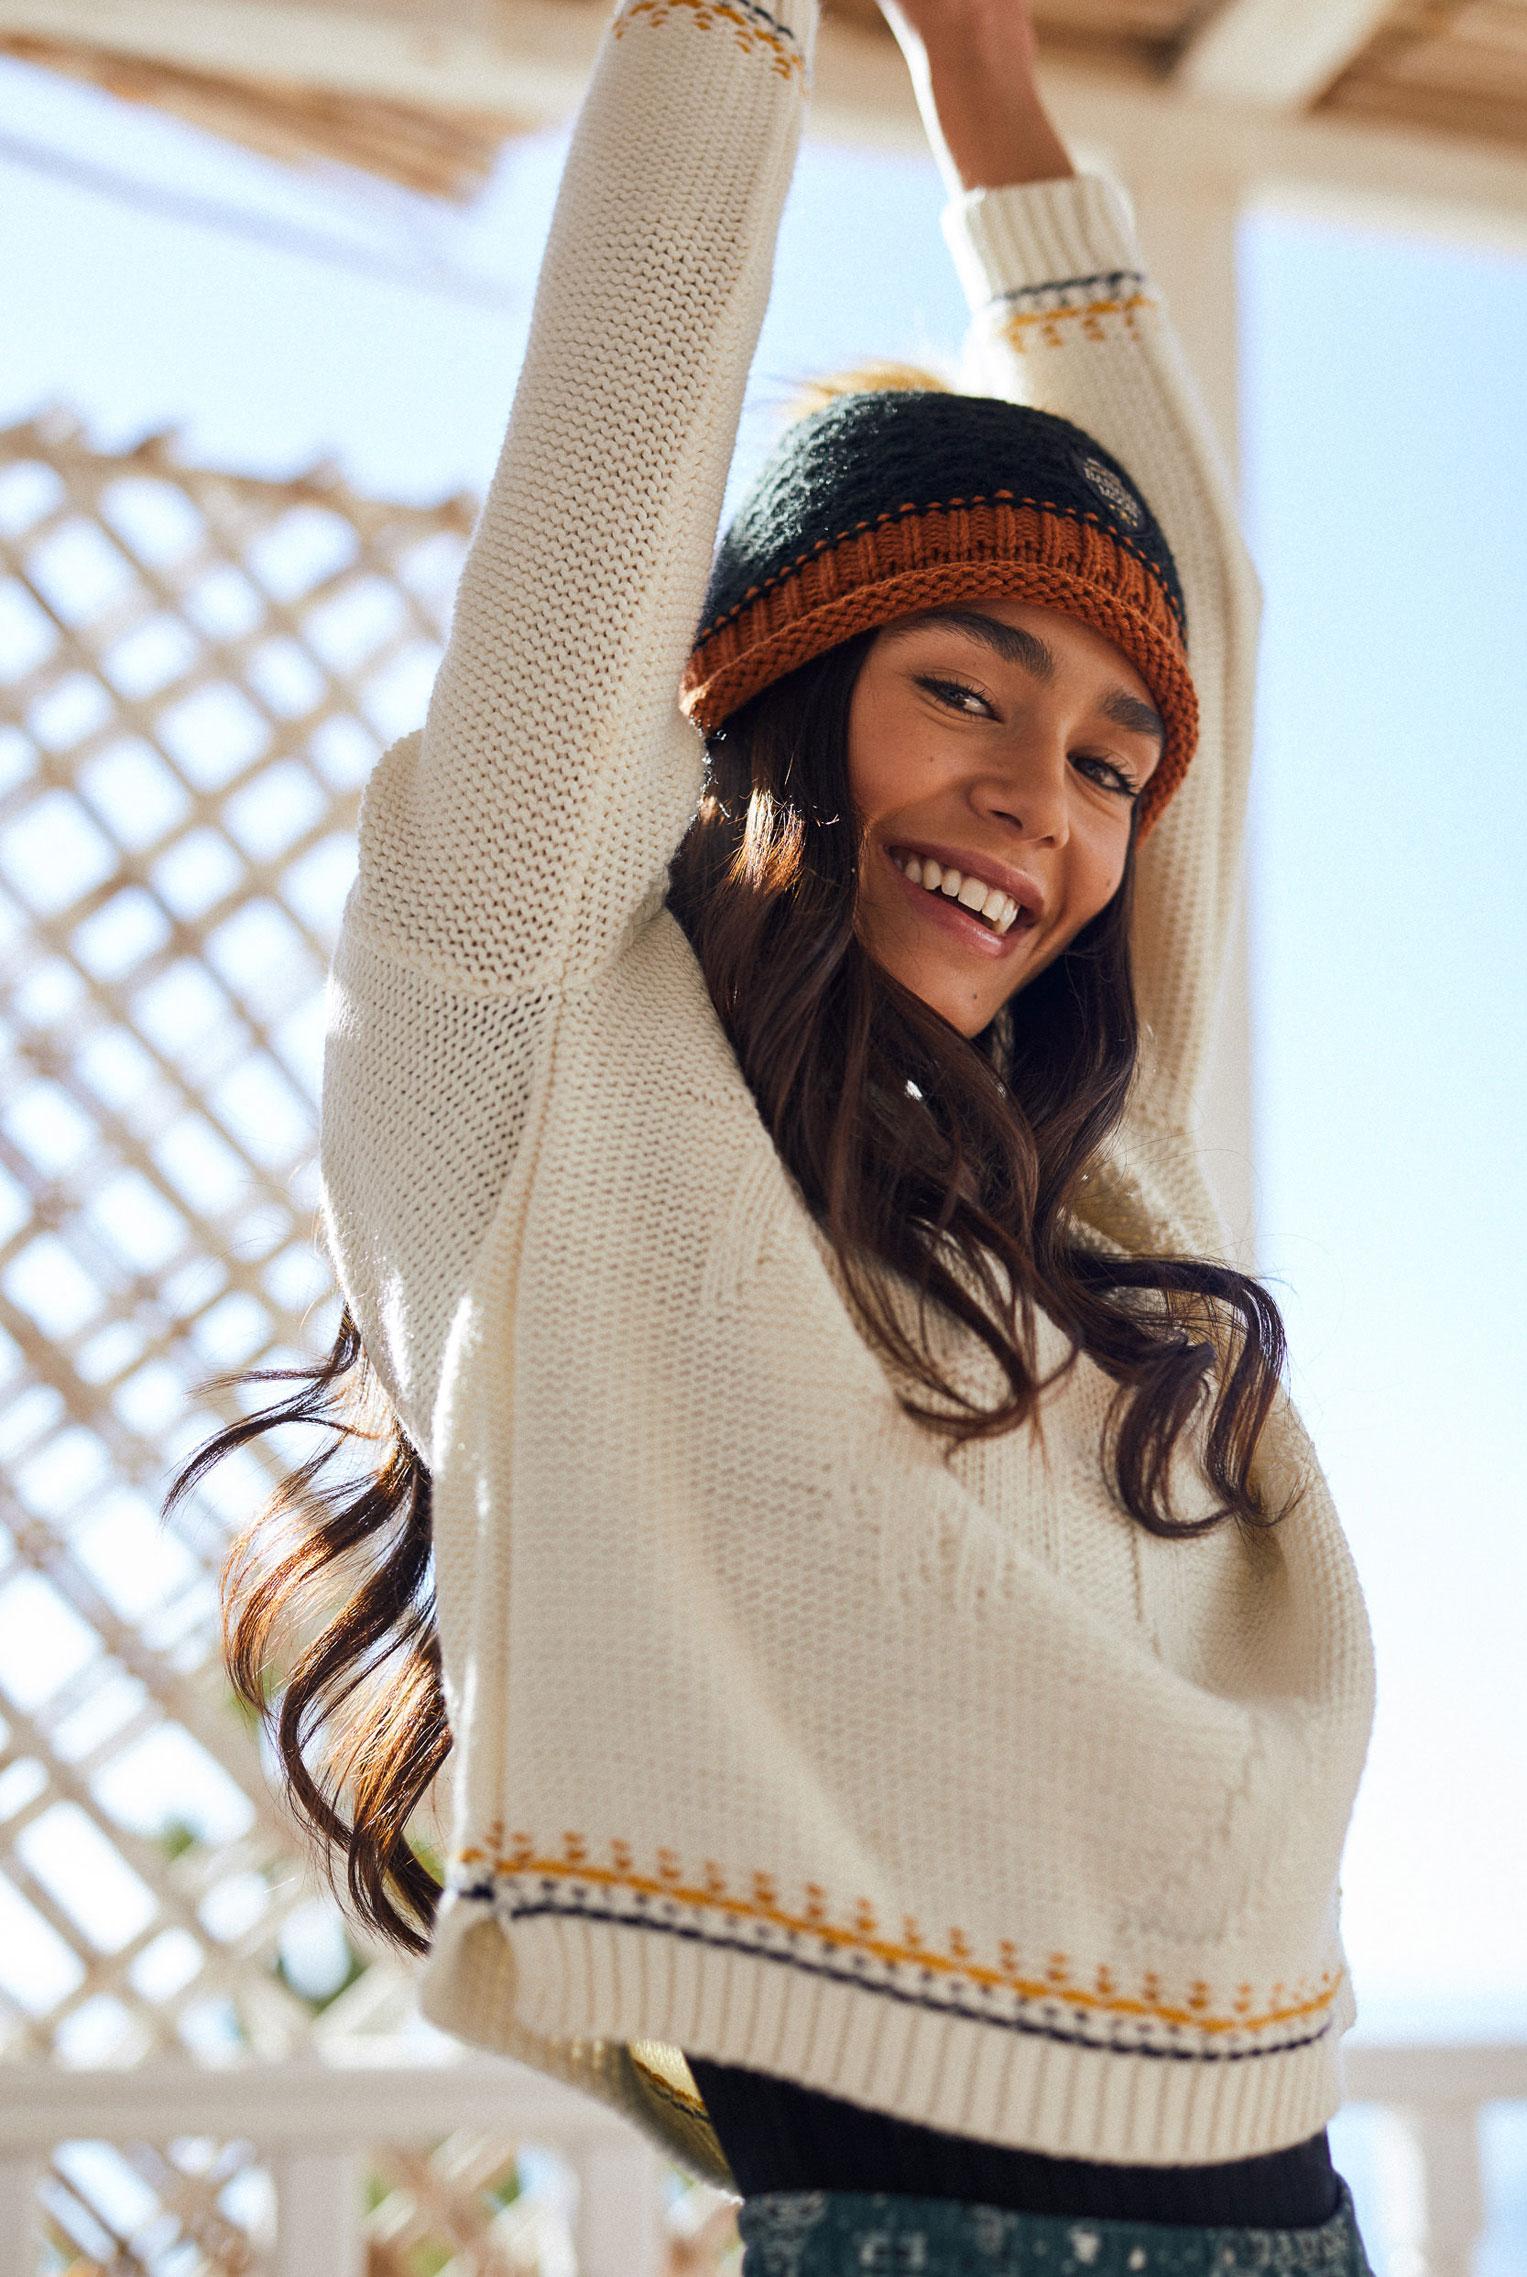 Наринэ Матецкая в модной одежде BananaMoon, коллекция осень/зима 2019/20 / фото 15